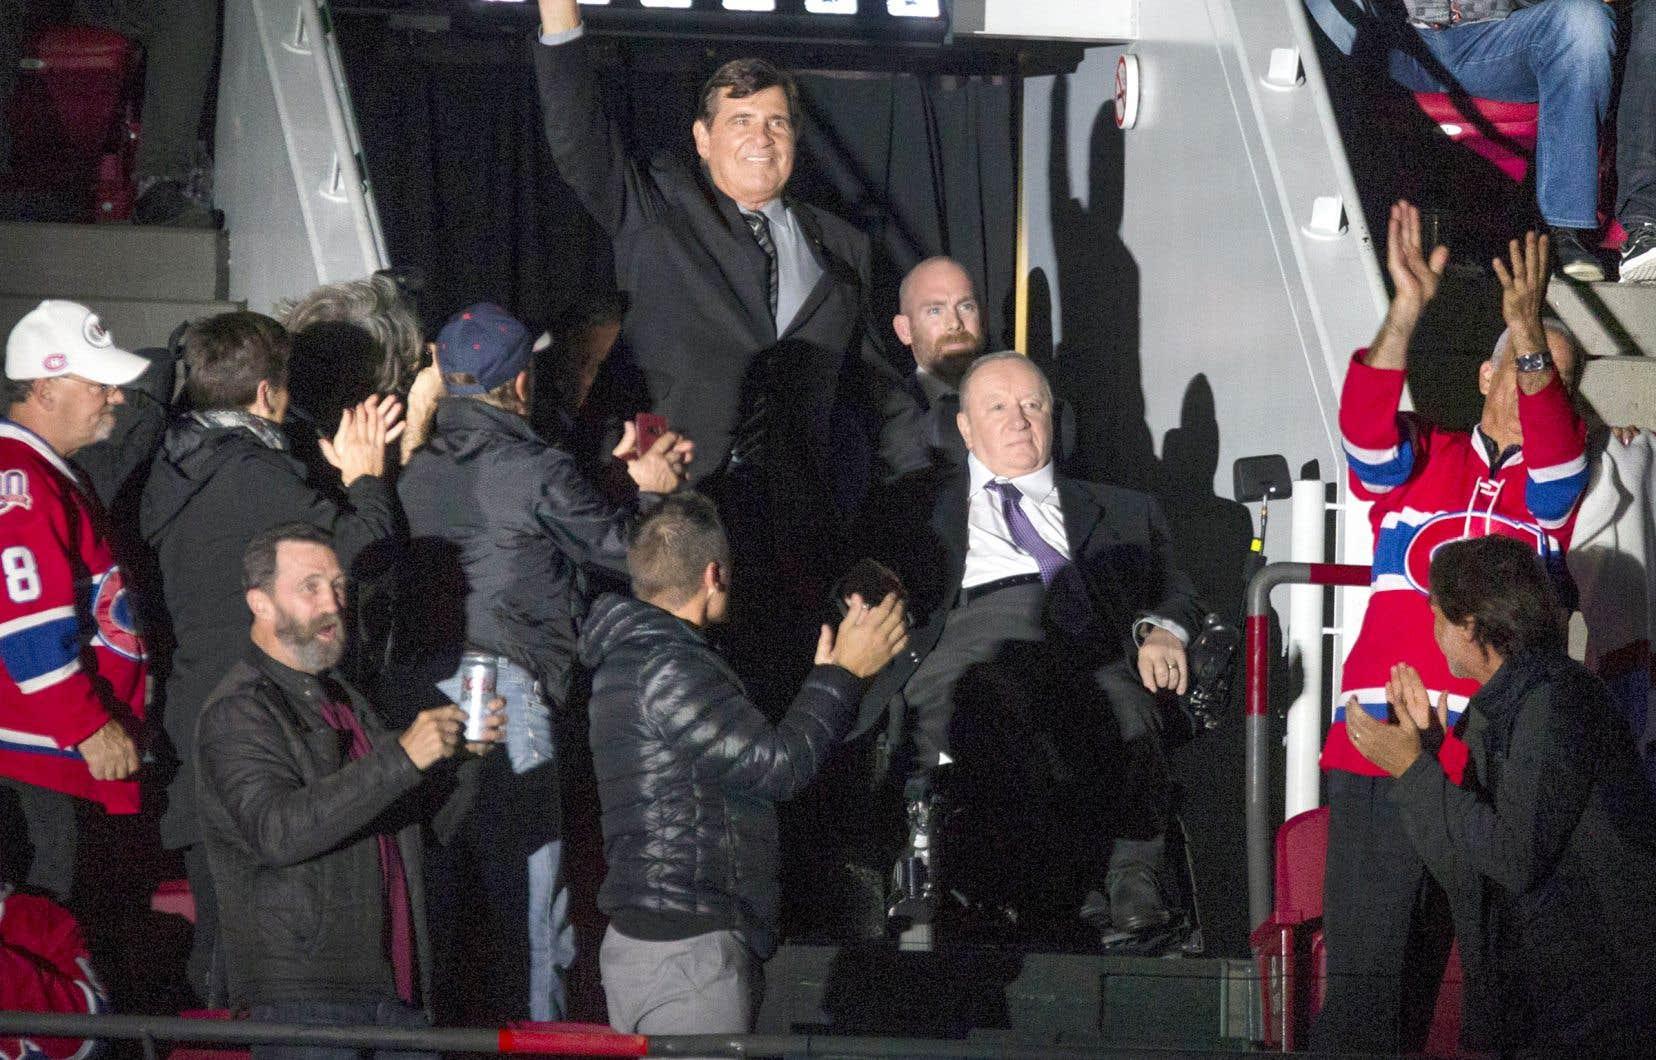 L'ancien entraîneur Jacques Demers a reçu l'accueil le plus chaleureux des partisans lors de la cérémonie avant le match d'ouverture locale, quand il a été présenté assis dans son fauteuil roulant aux côtés de l'ex-directeur général Serge Savard.